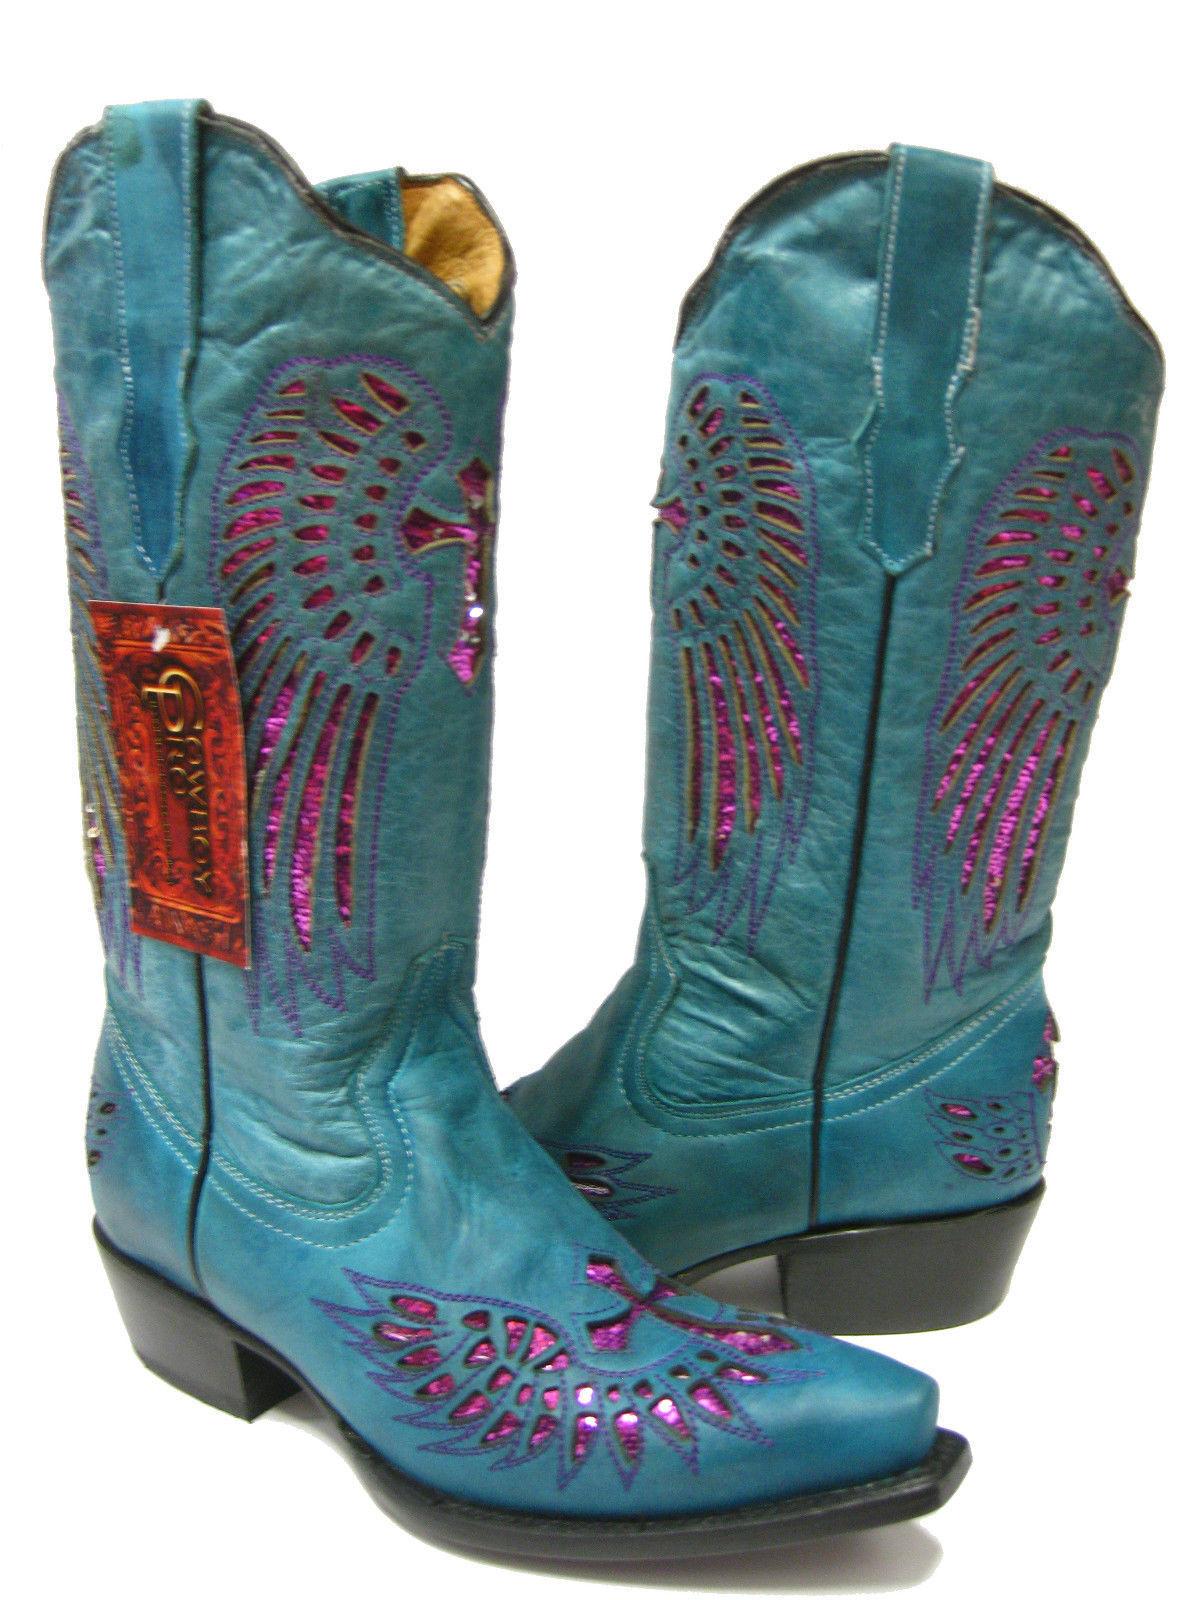 Para Mujeres Cruz Ala incrustación turquesa lentejuelas lentejuelas lentejuelas Fucsia Cuero botas De Vaquero SNIP Toe 7c87cc